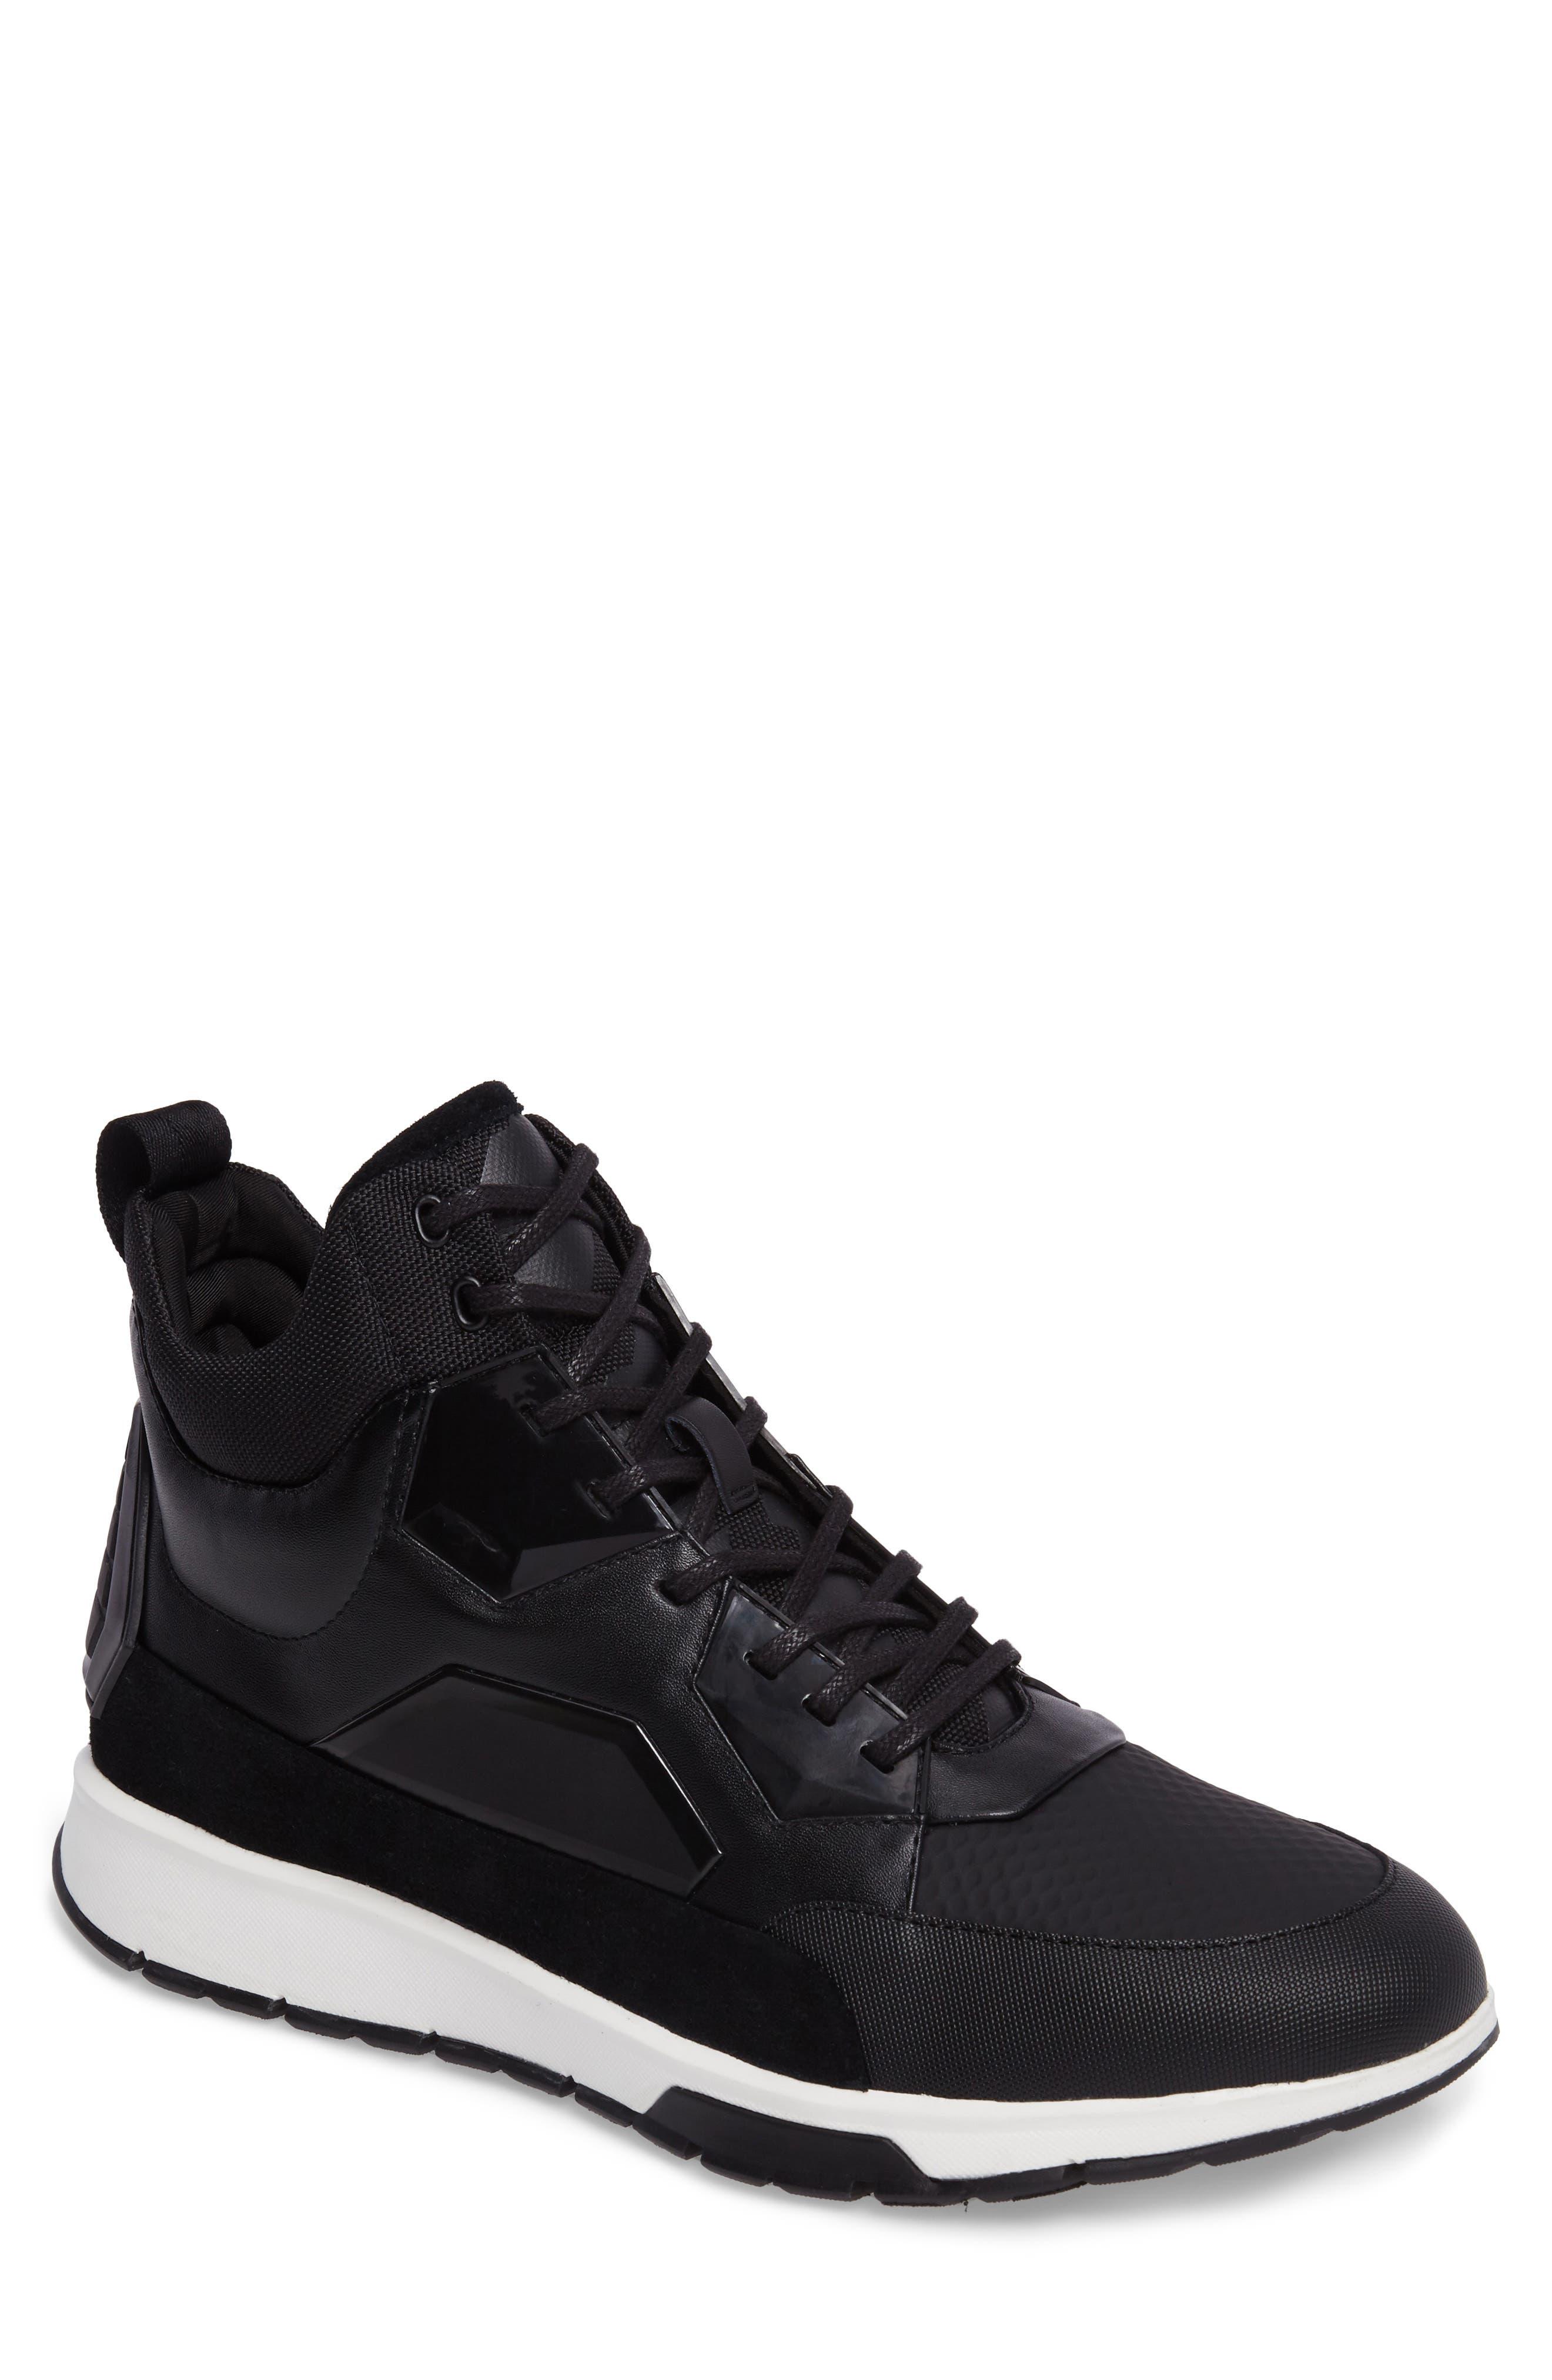 Kovan City Sneaker,                         Main,                         color, 001